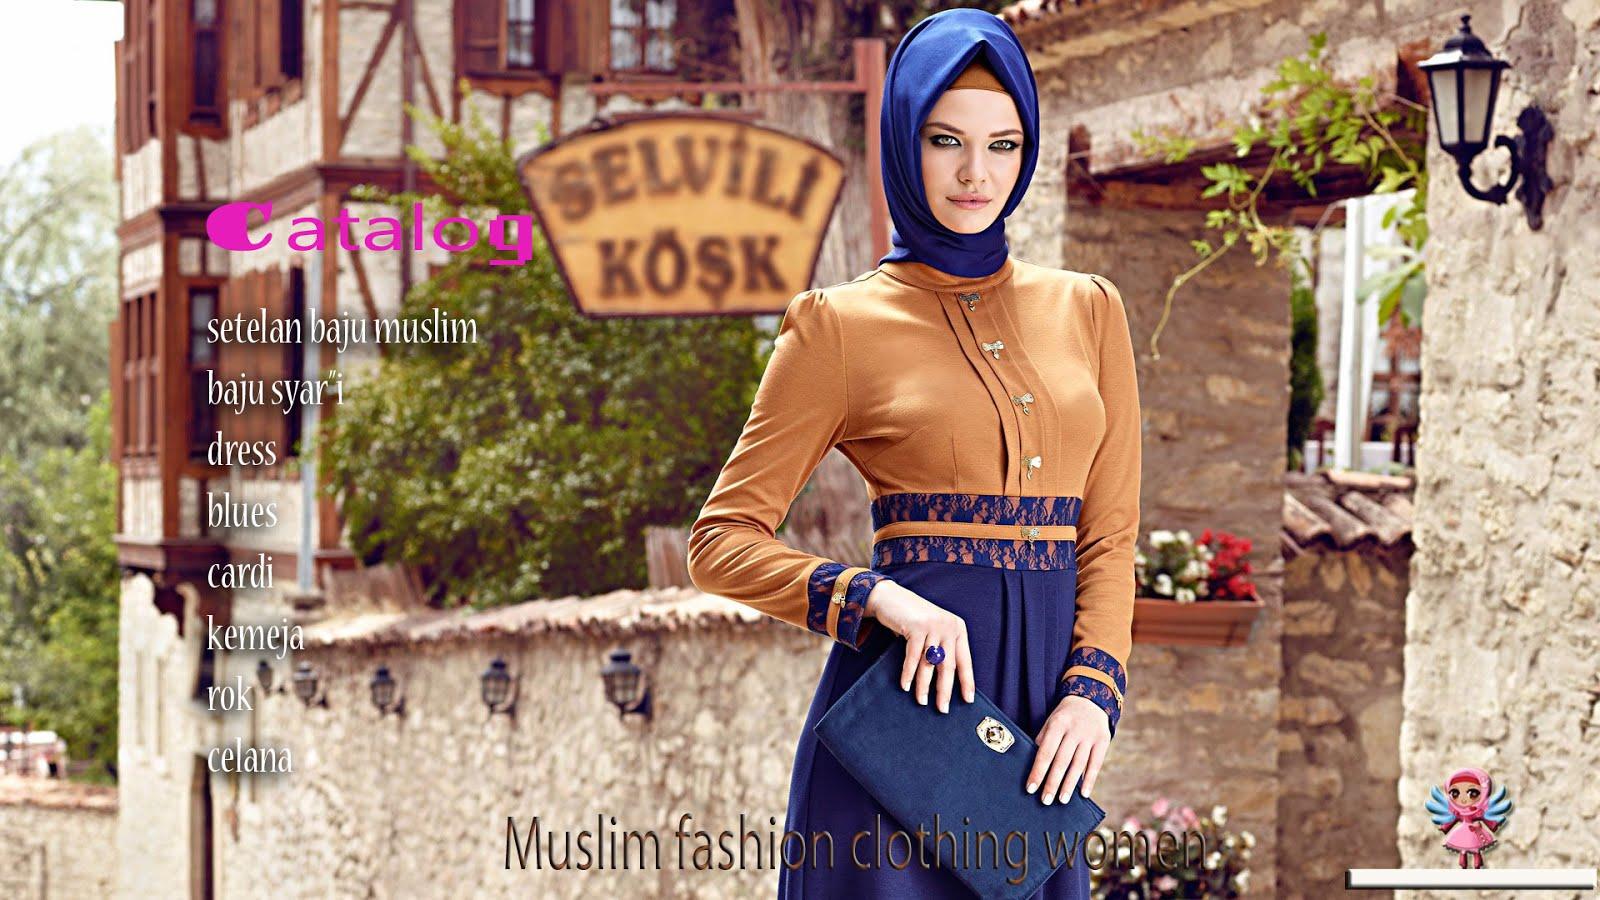 Konikshop Buku Katalog Baju Catalog Busana Muslim